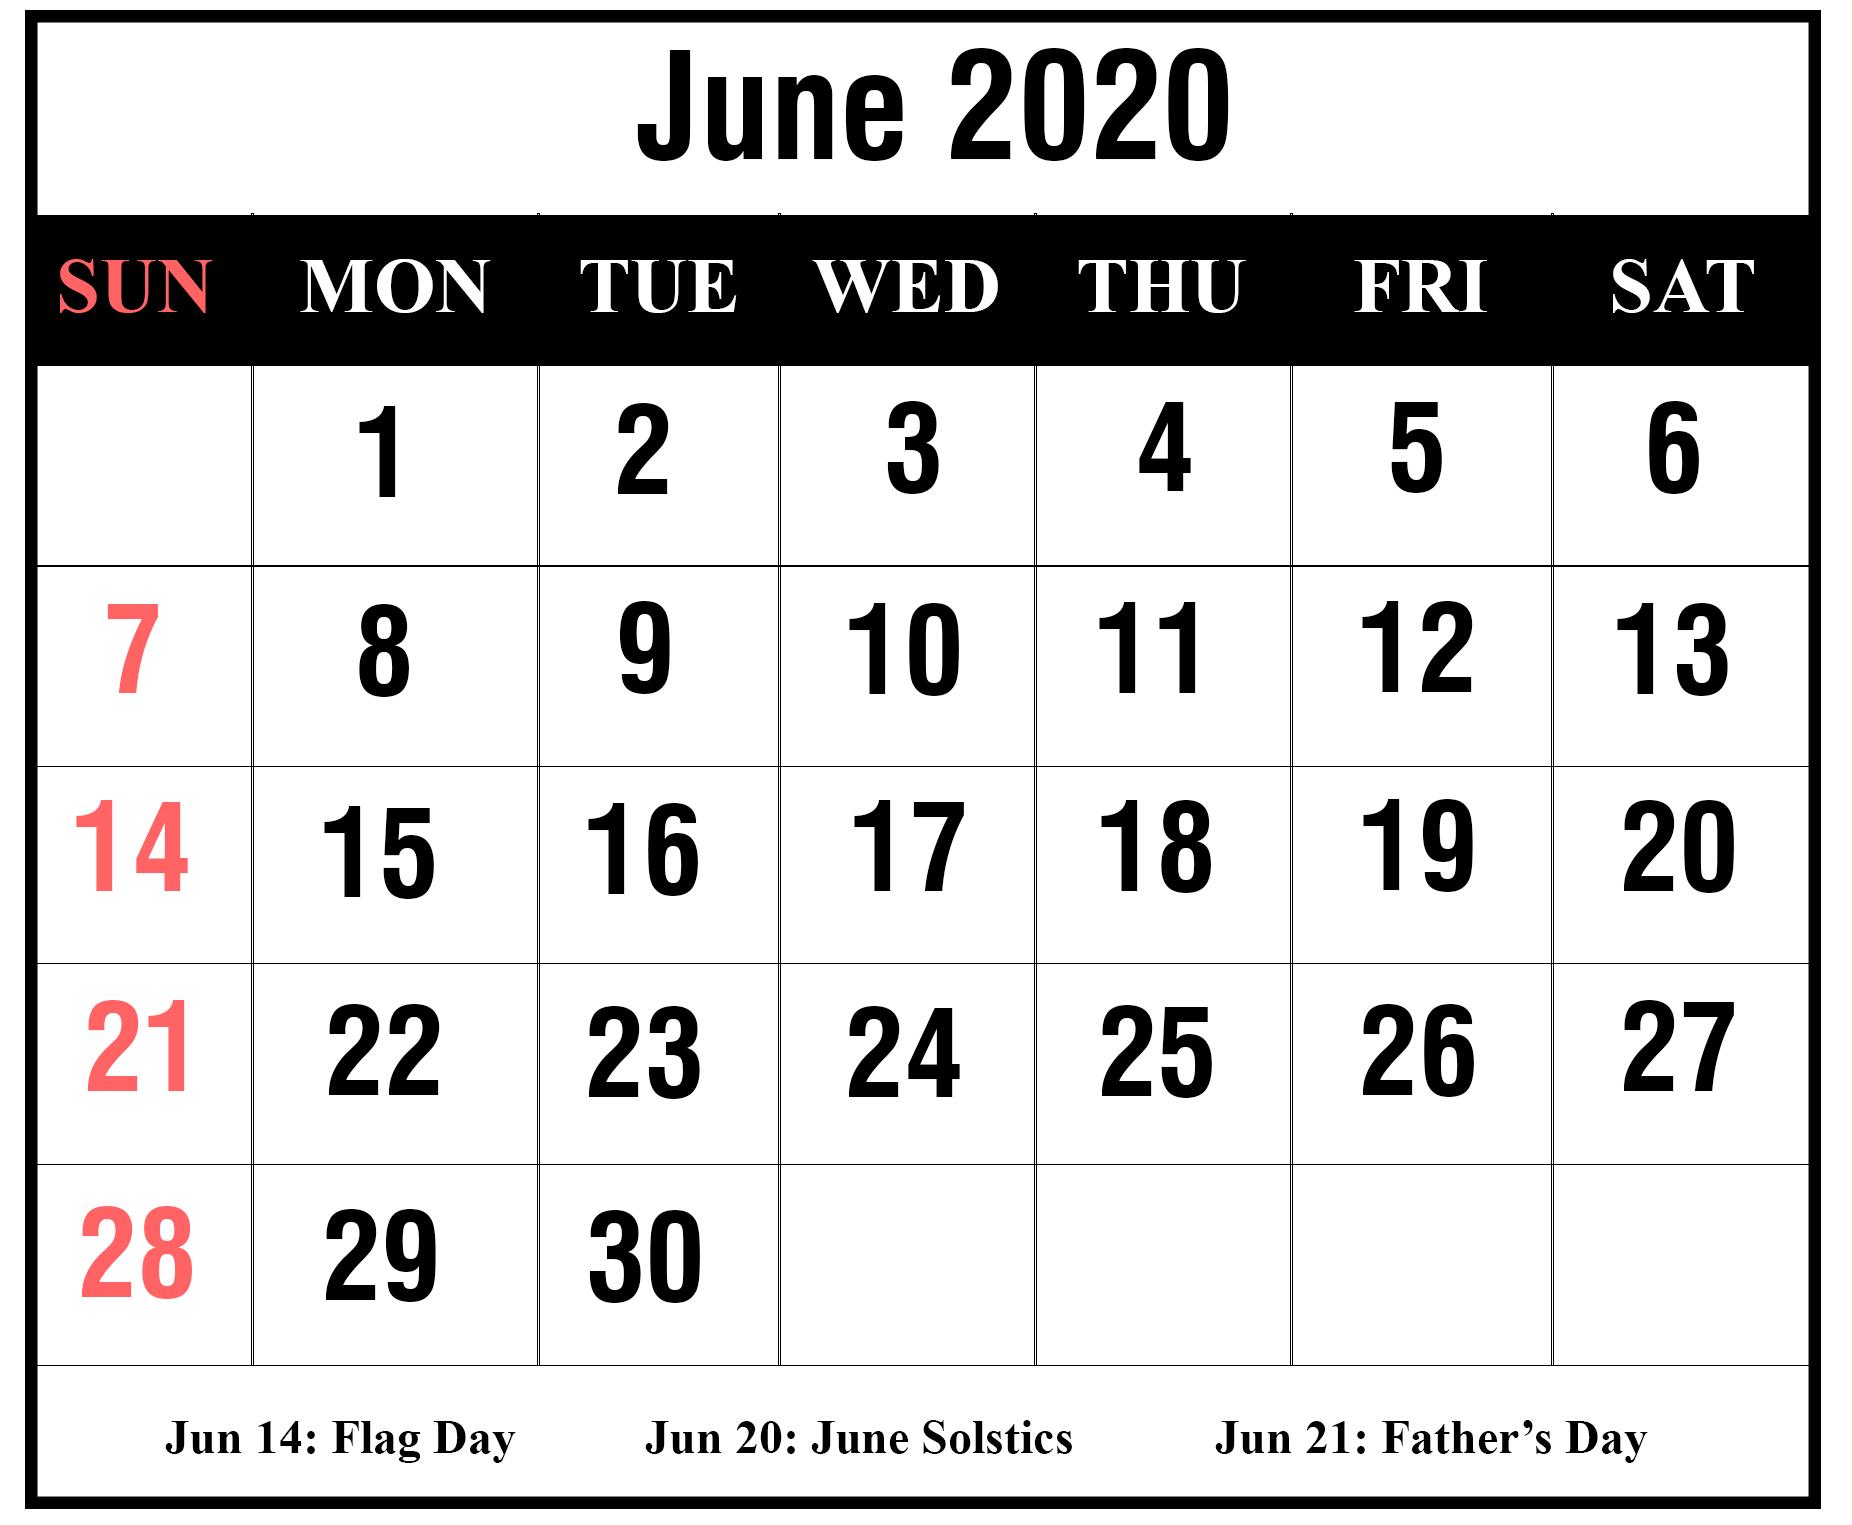 Free June 2020 Calendar Template | Printable April Calendar